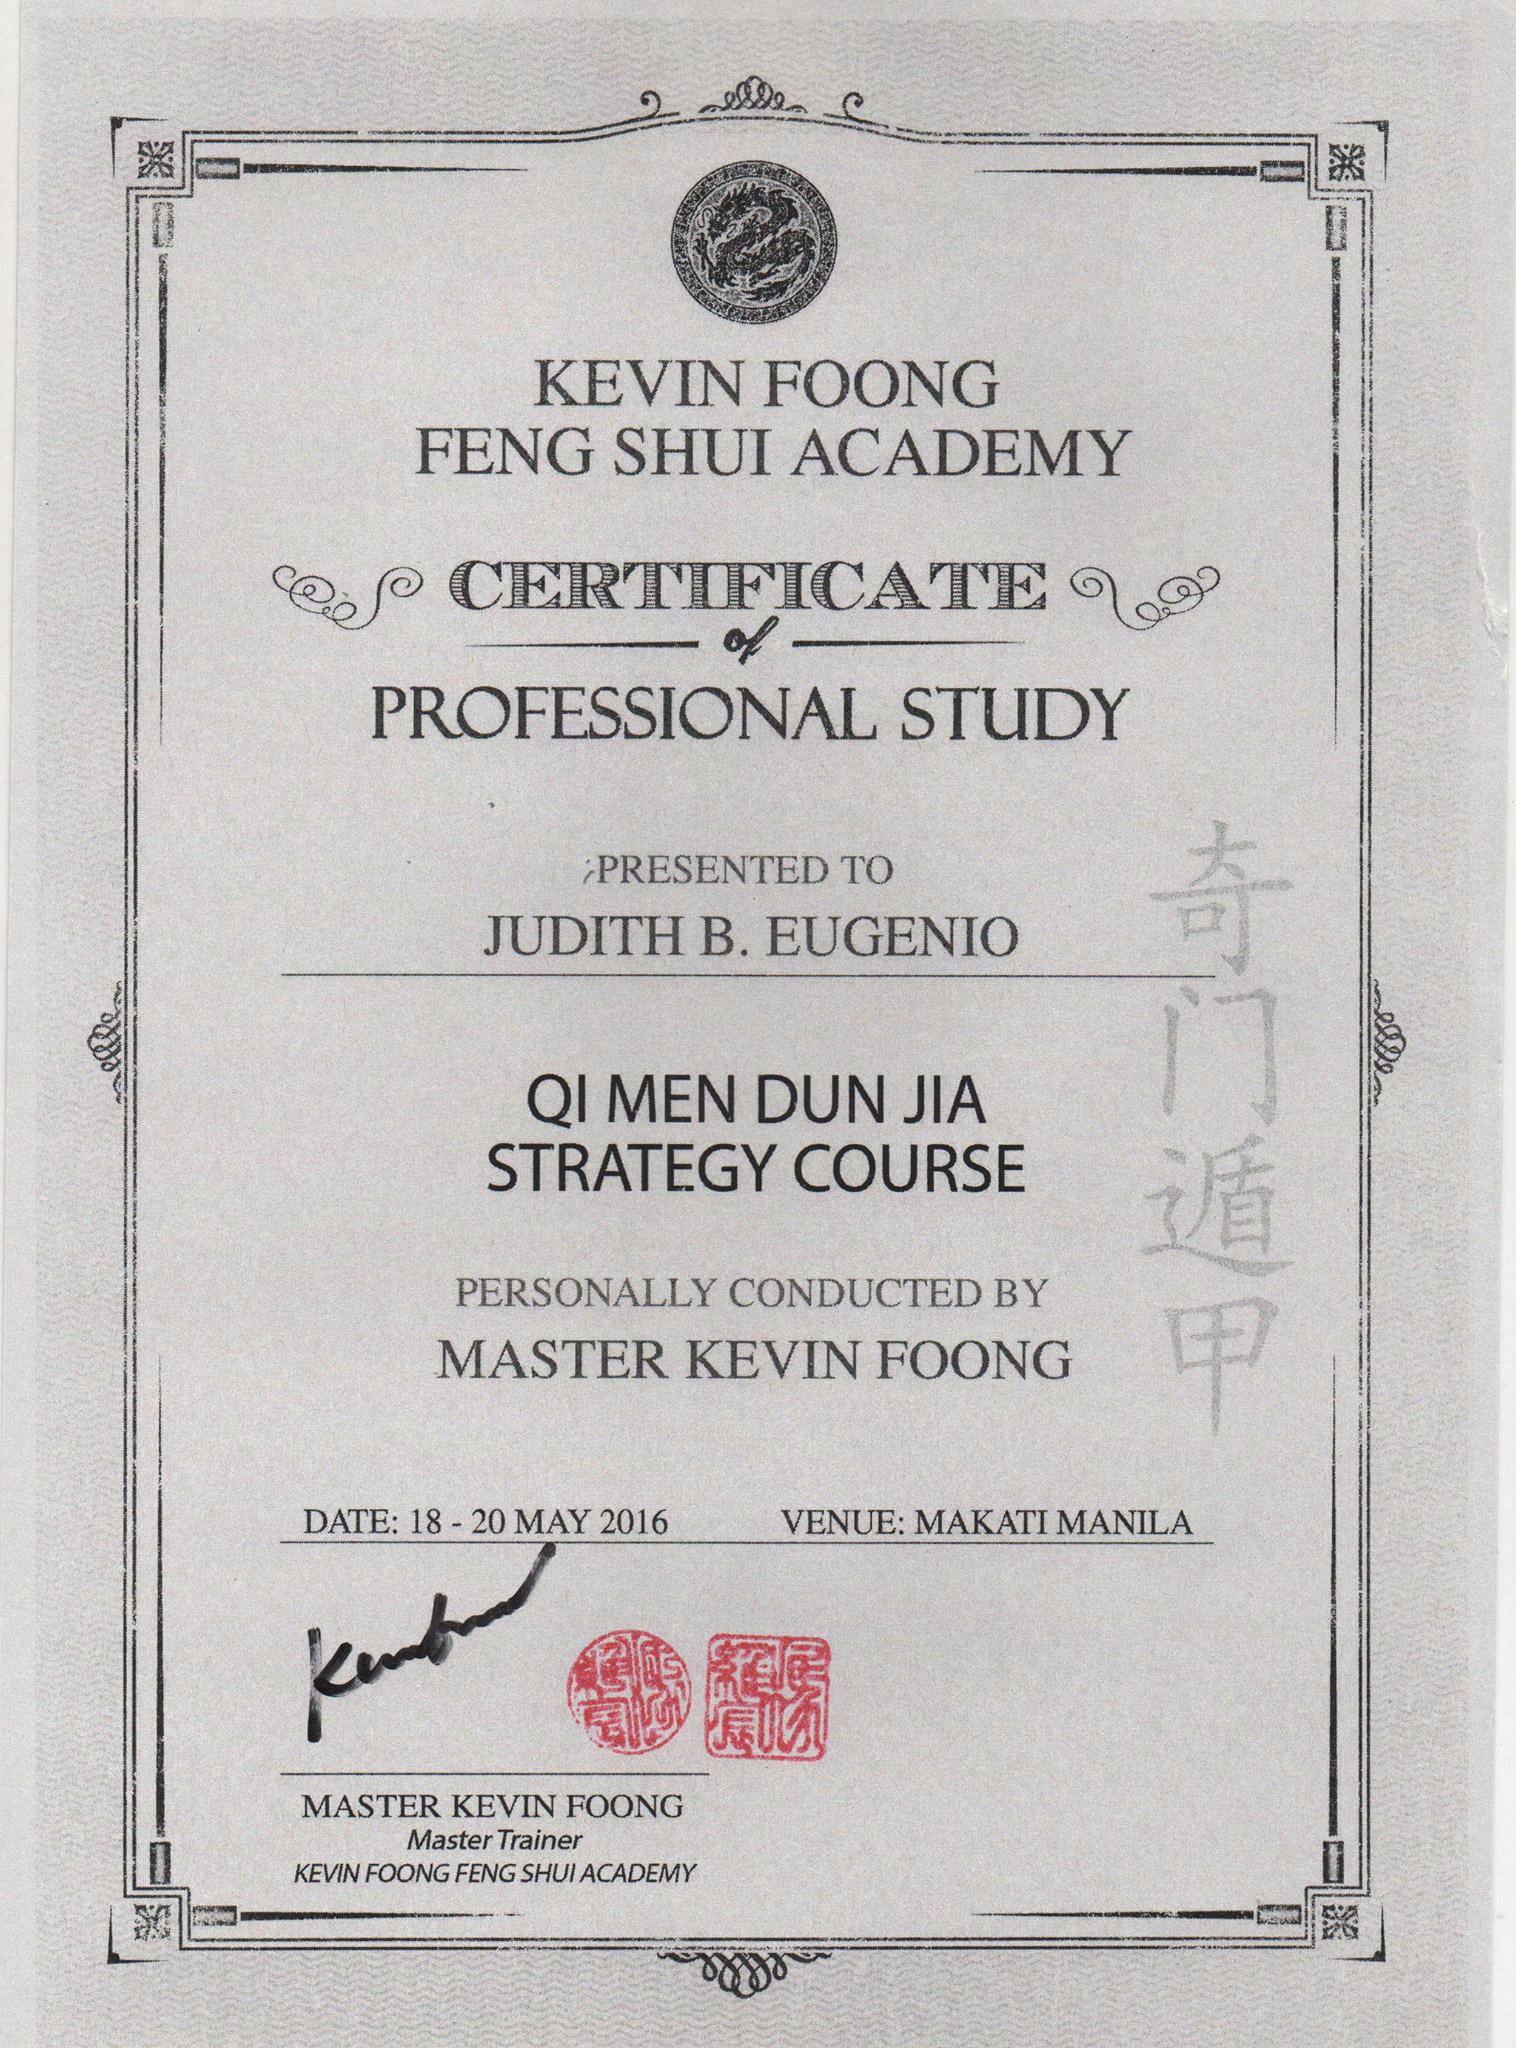 Qi Men Dun Jia Strategy Course